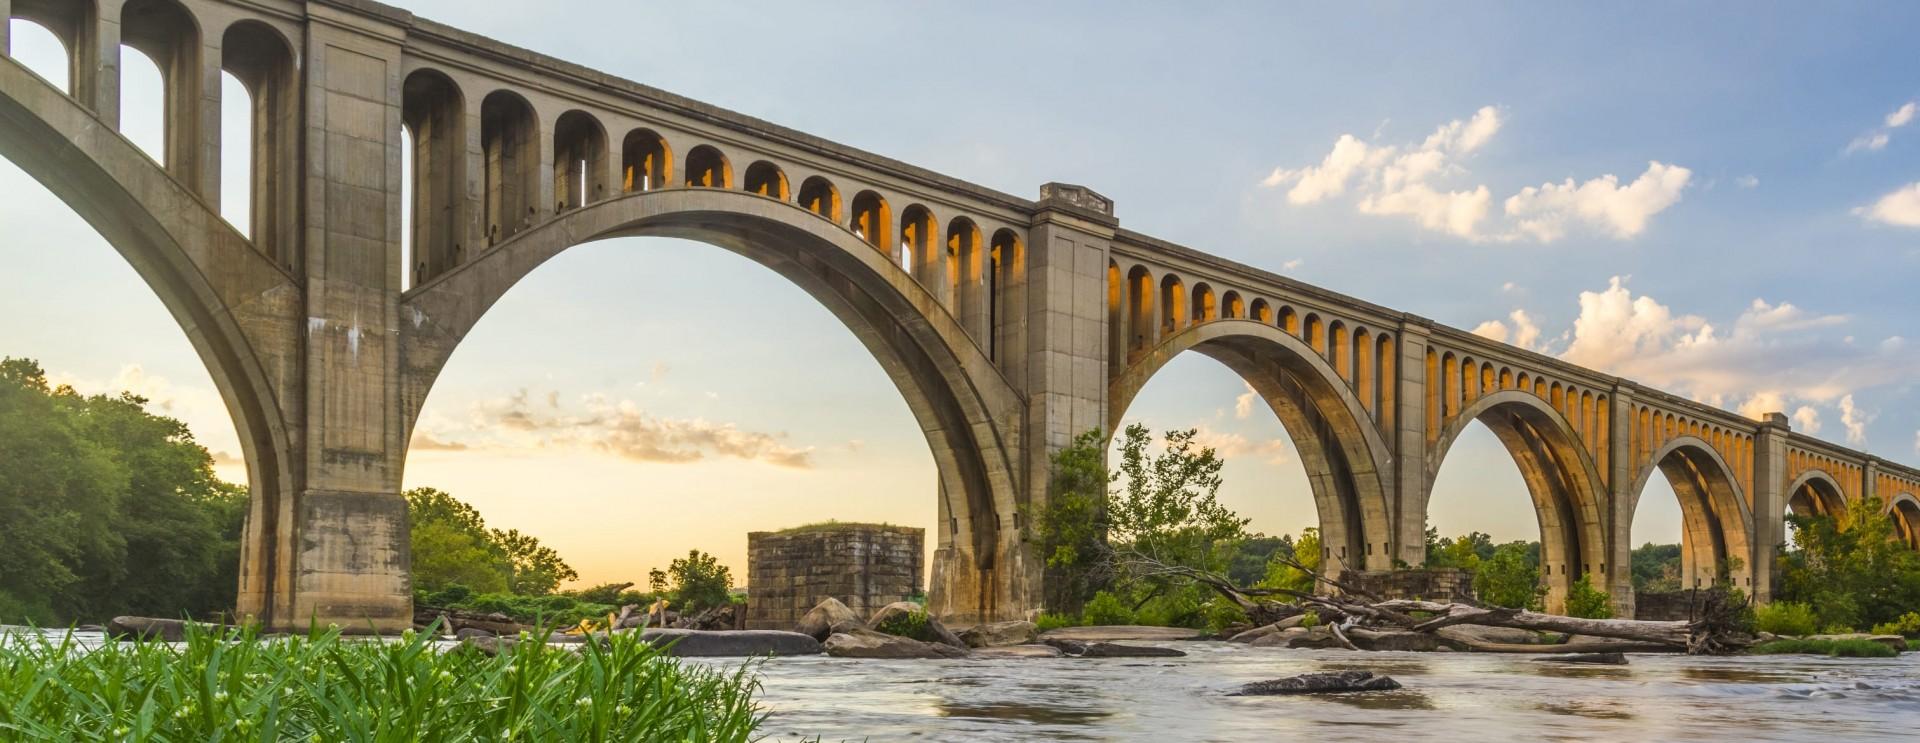 Bridge over James River in Virginia